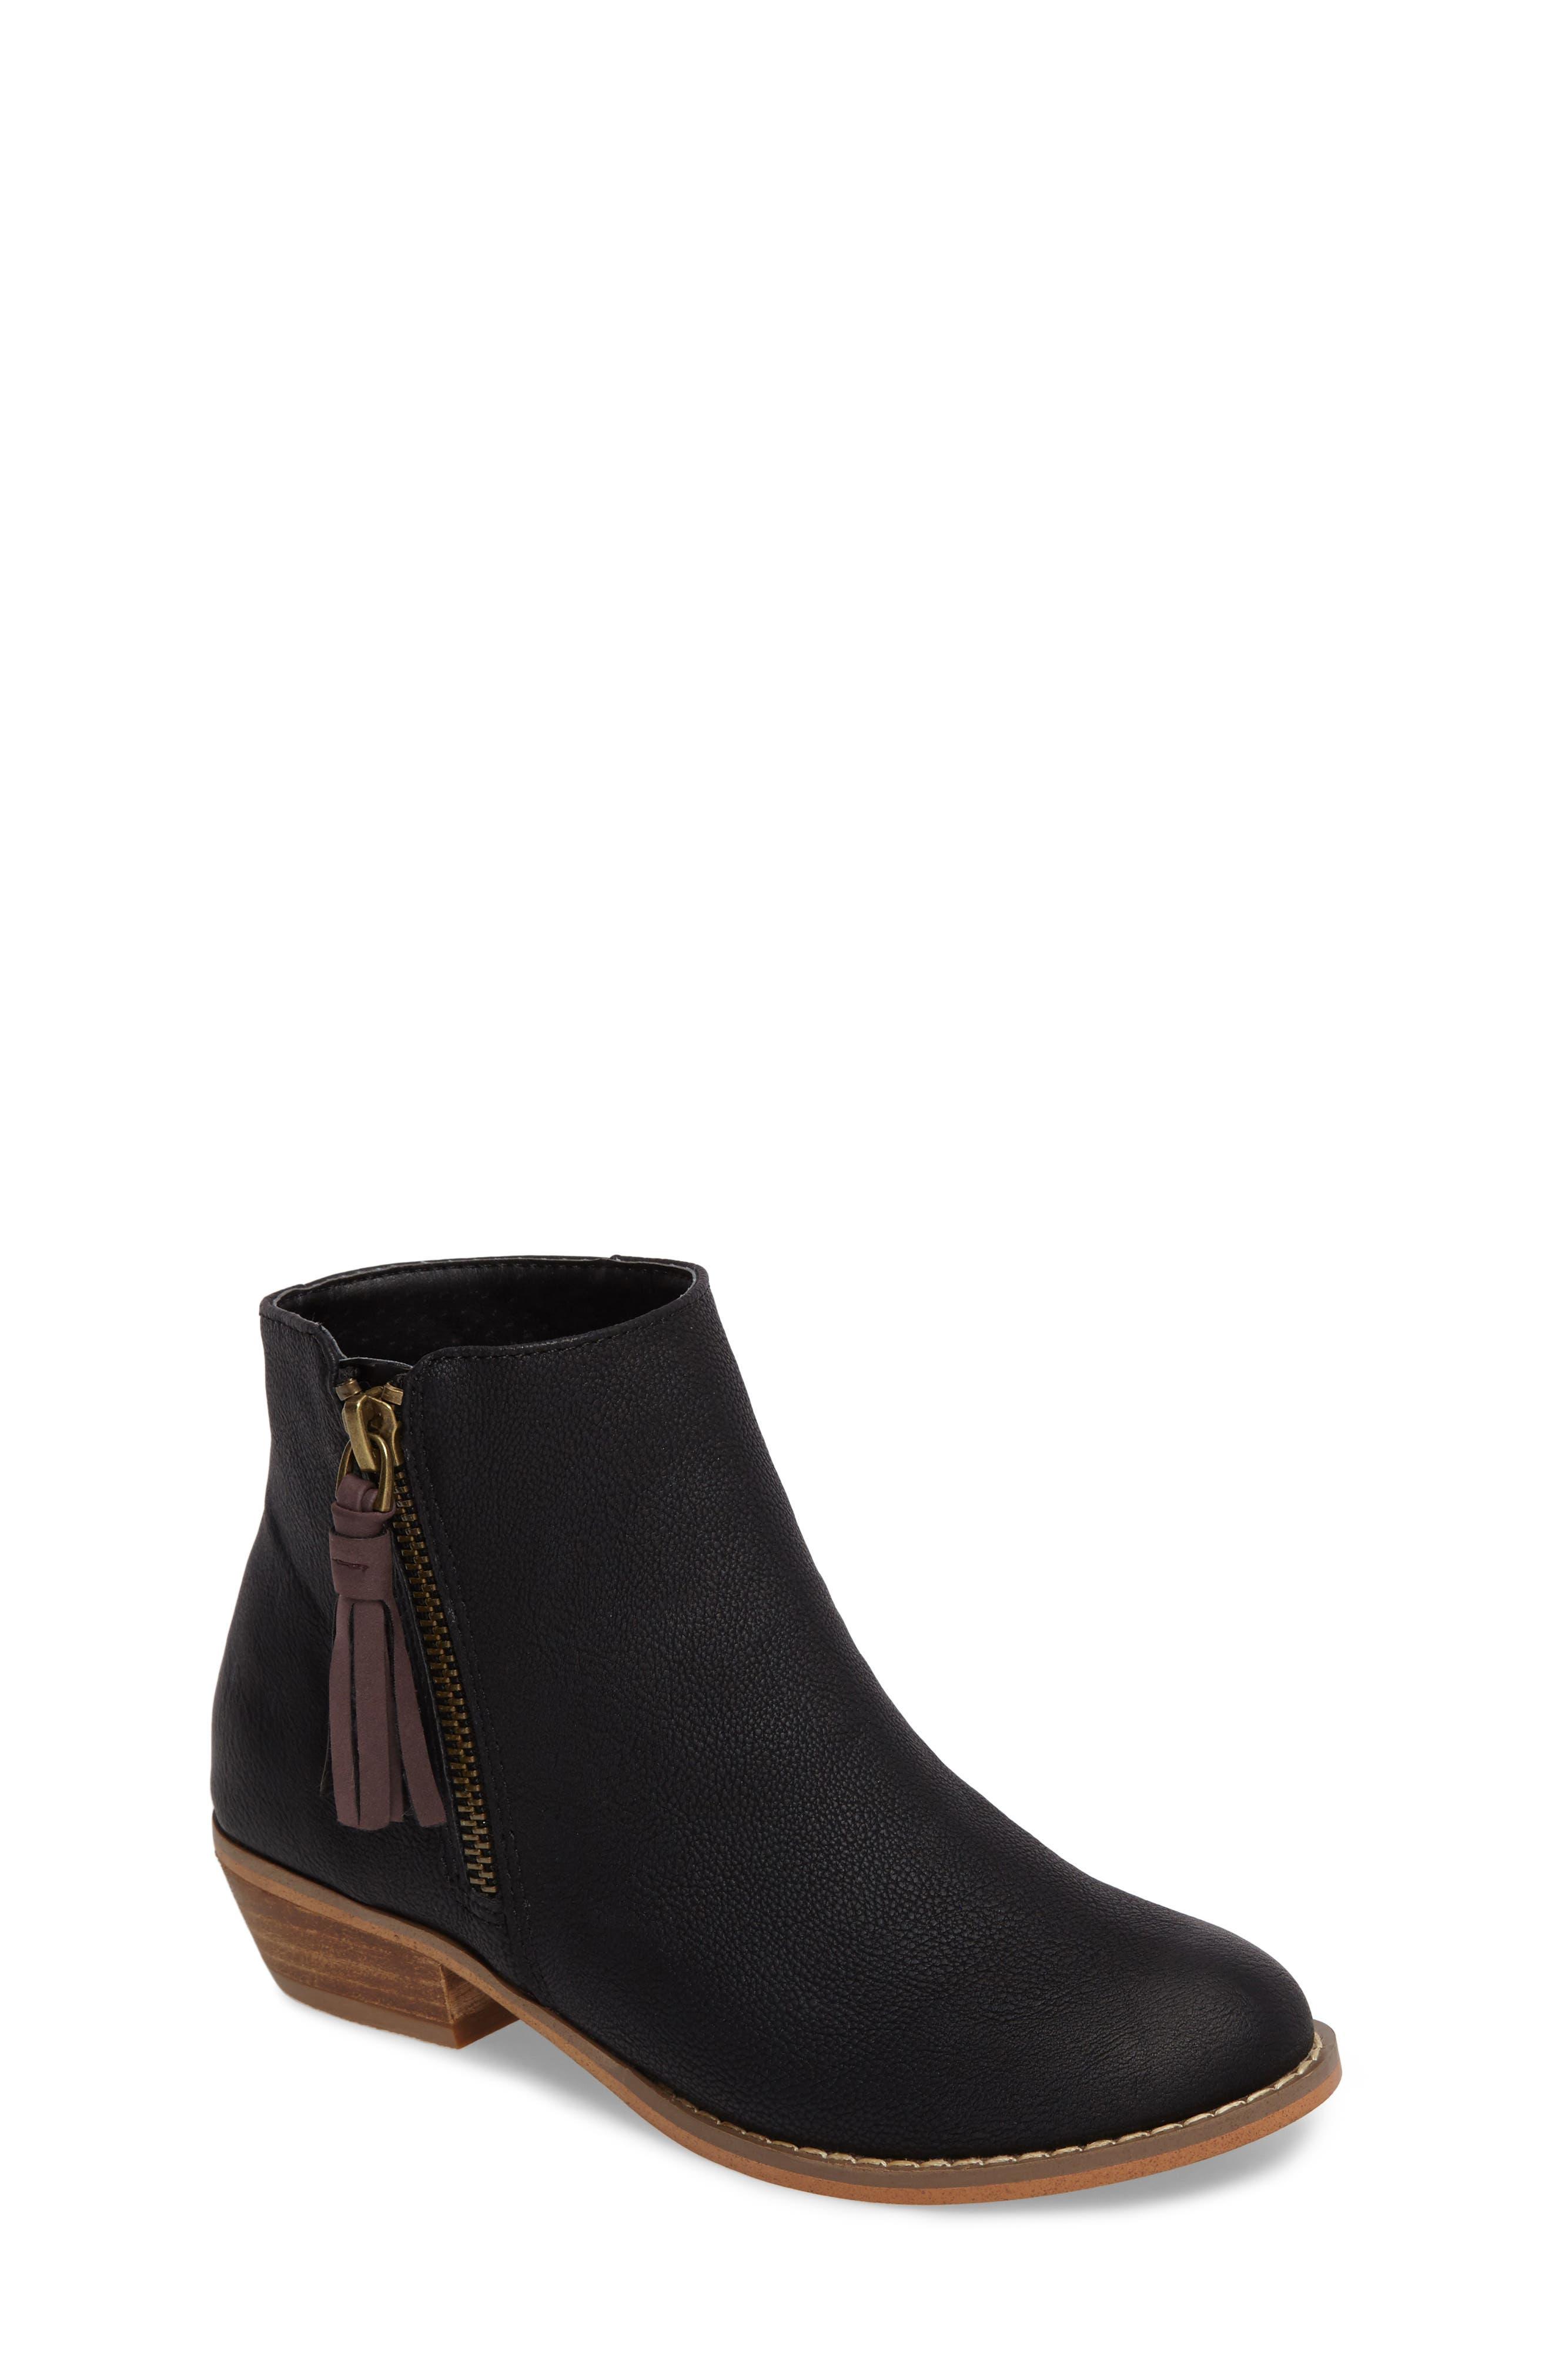 Harper Zip Bootie,                         Main,                         color, Black Faux Leather